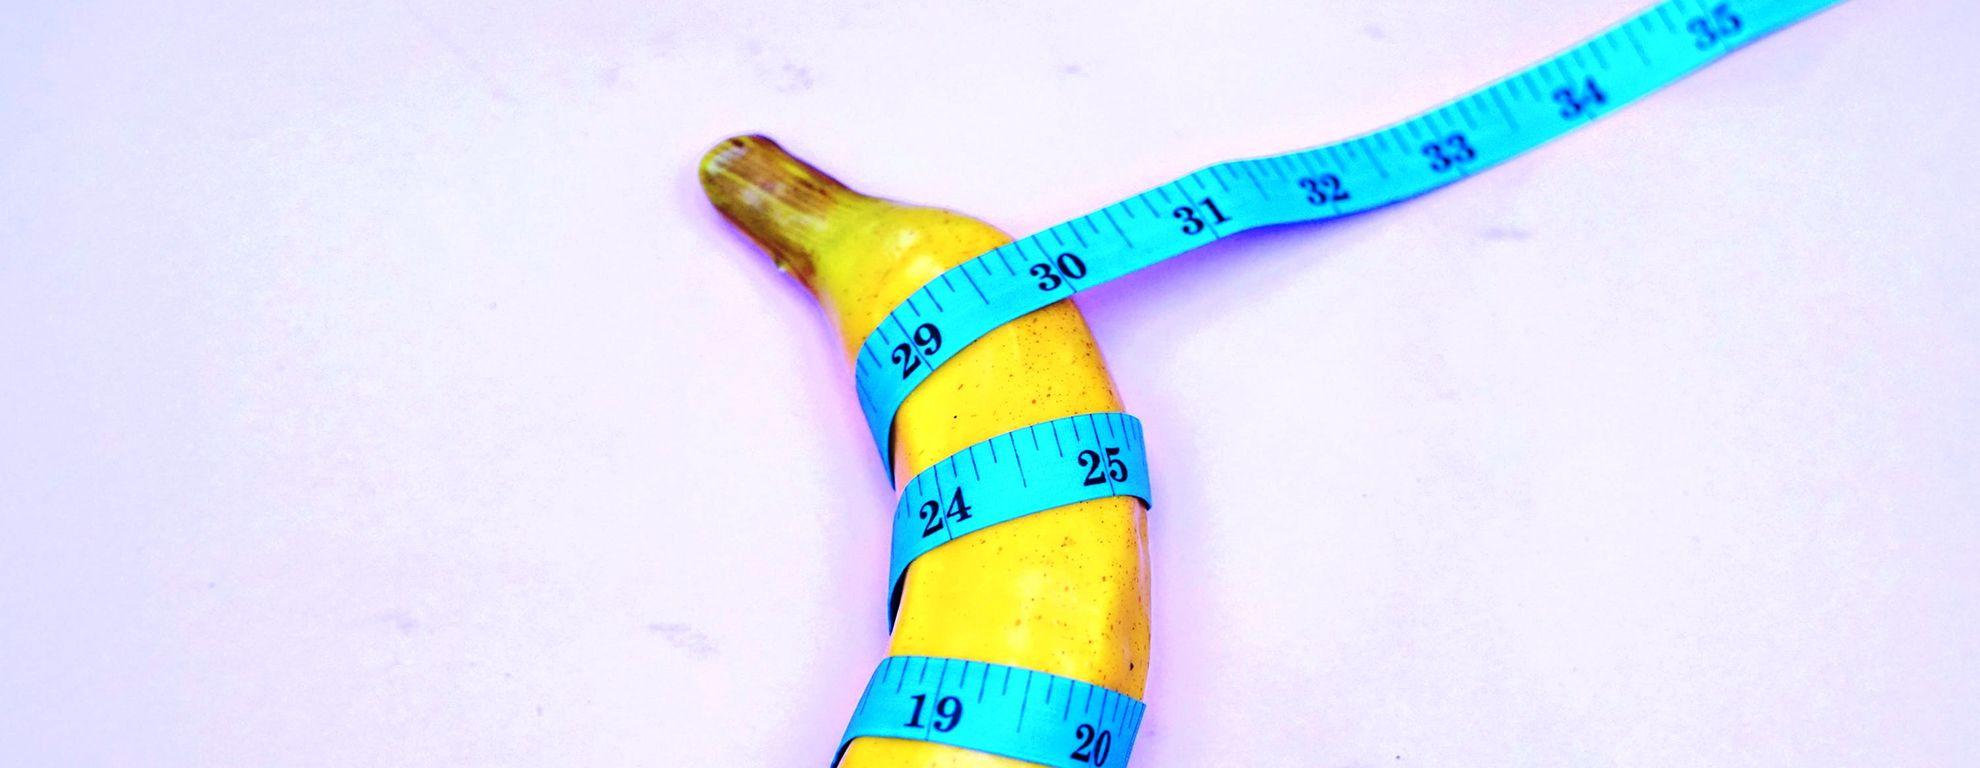 15 recomendaciones efectivas para bajar de peso sin dieta - Featured image